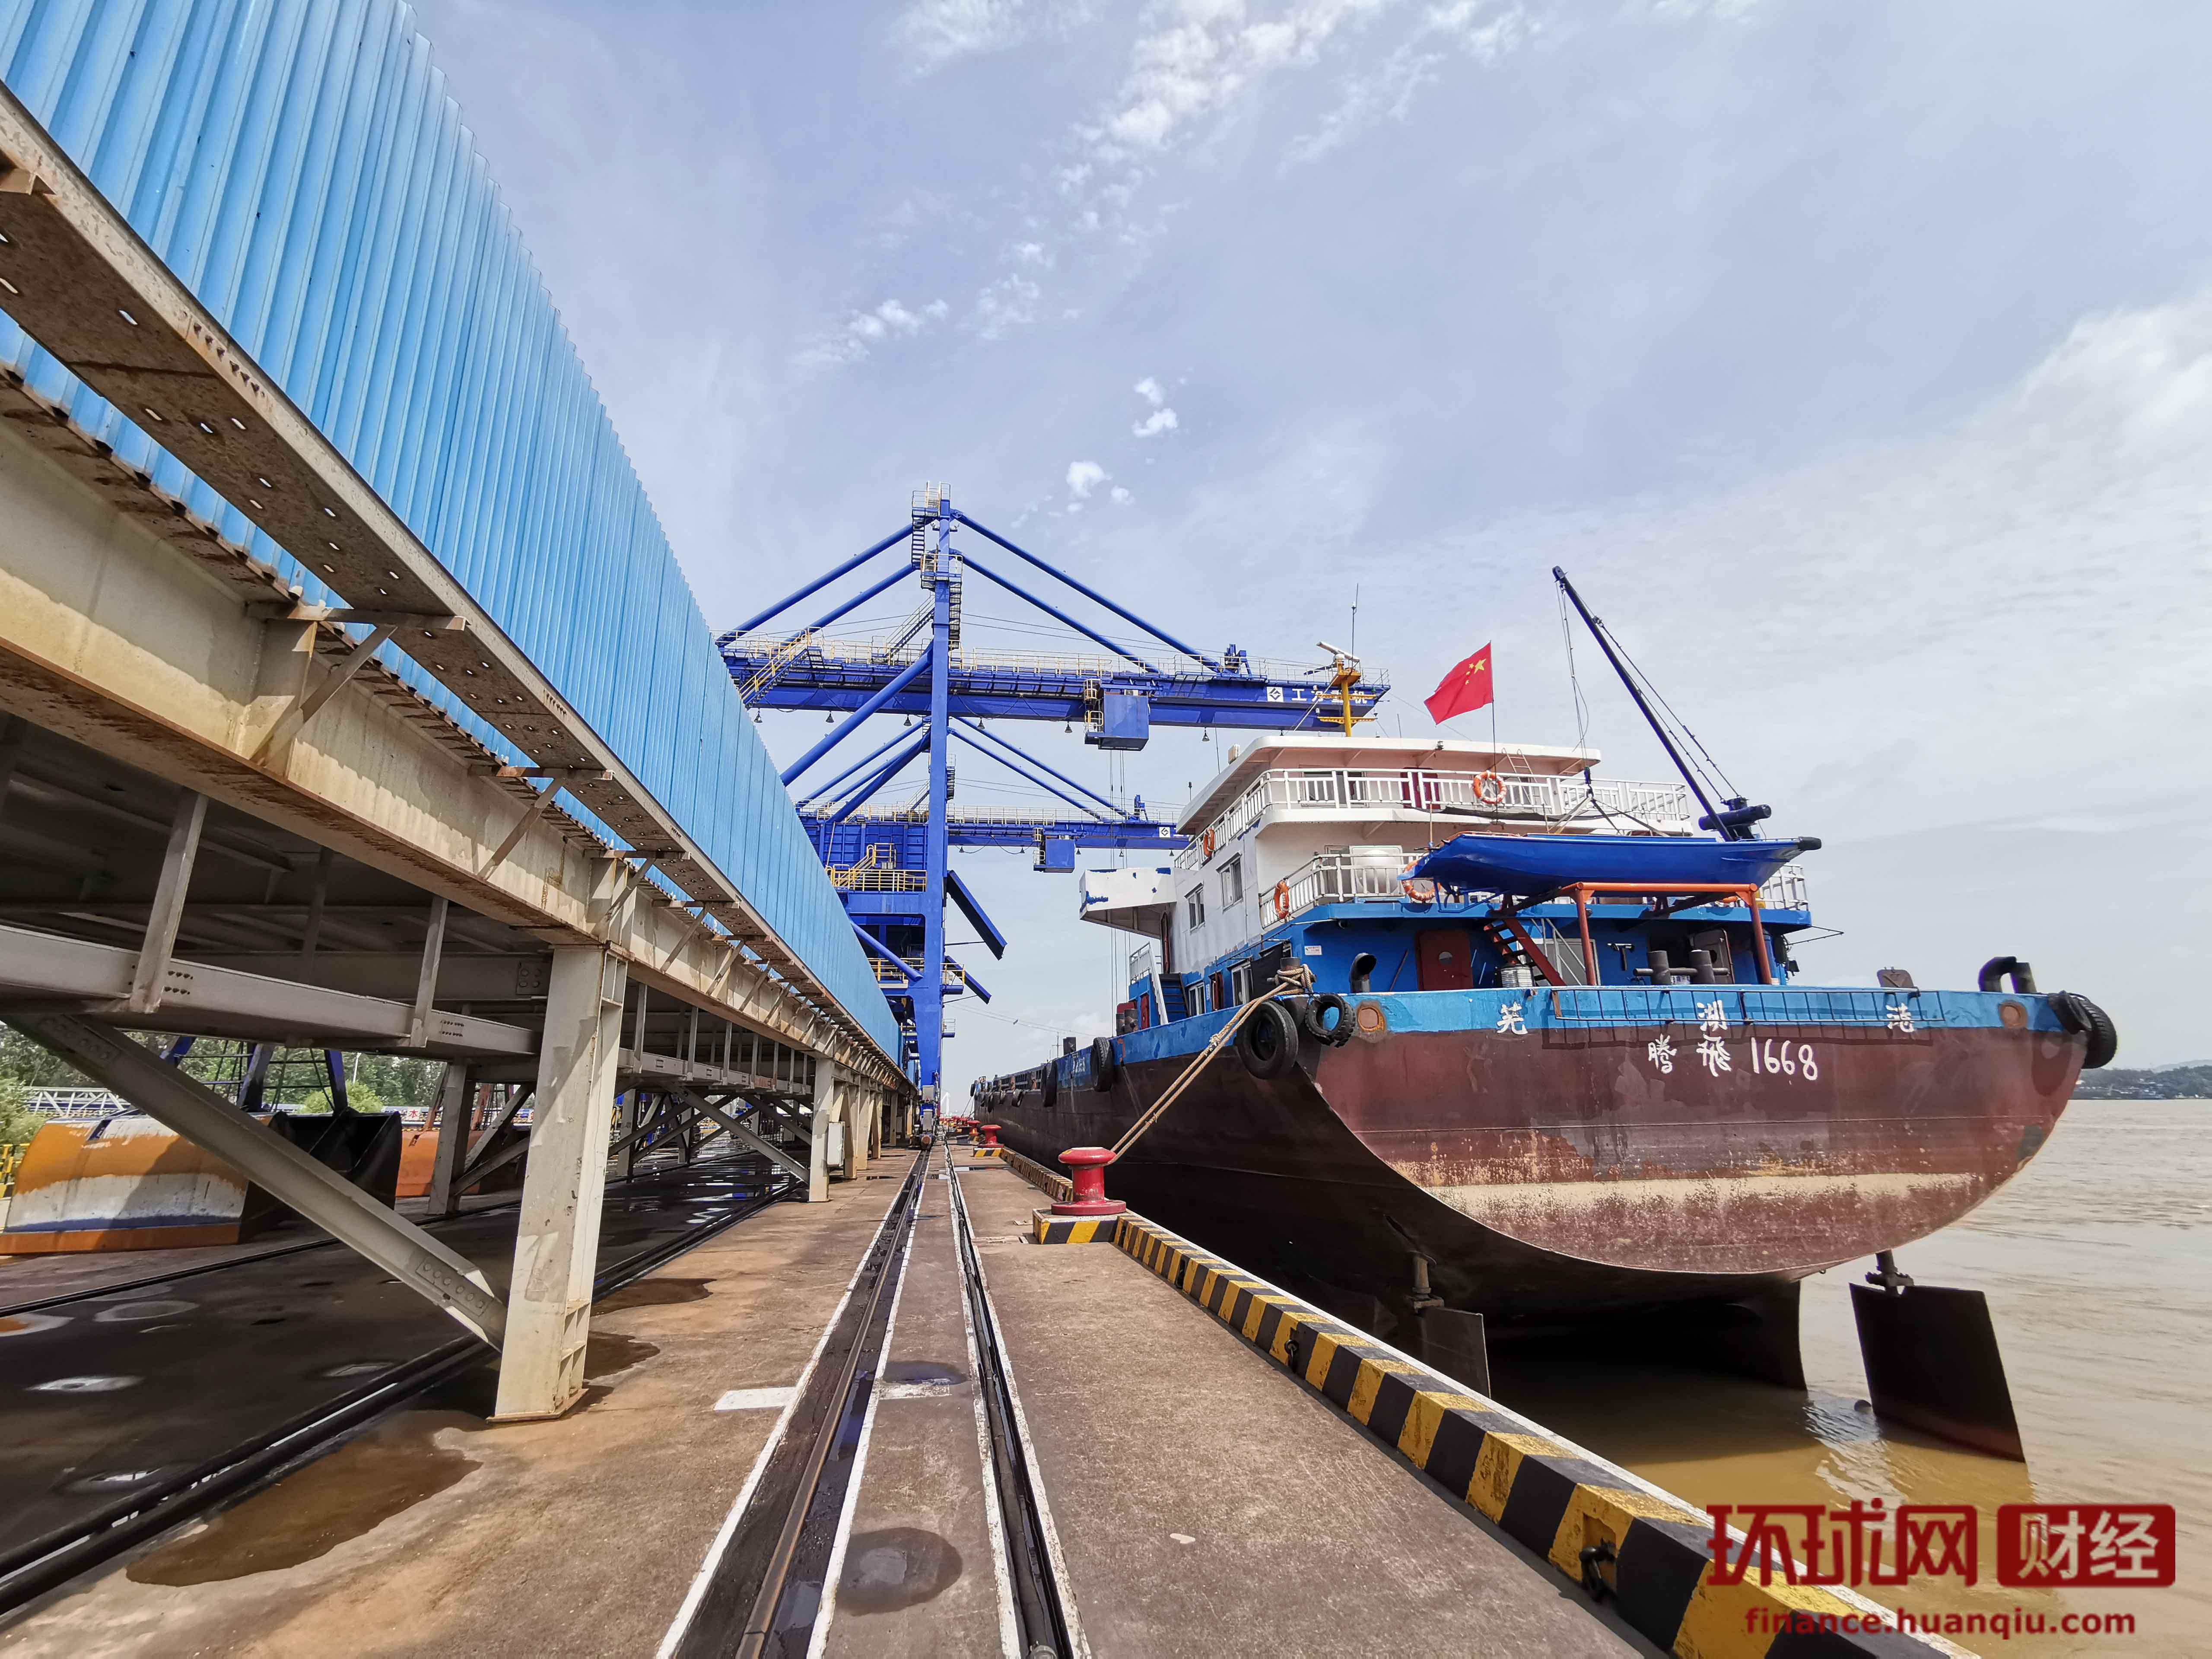 加快港口发展转型升级 打造公路、铁路、水路多式联运